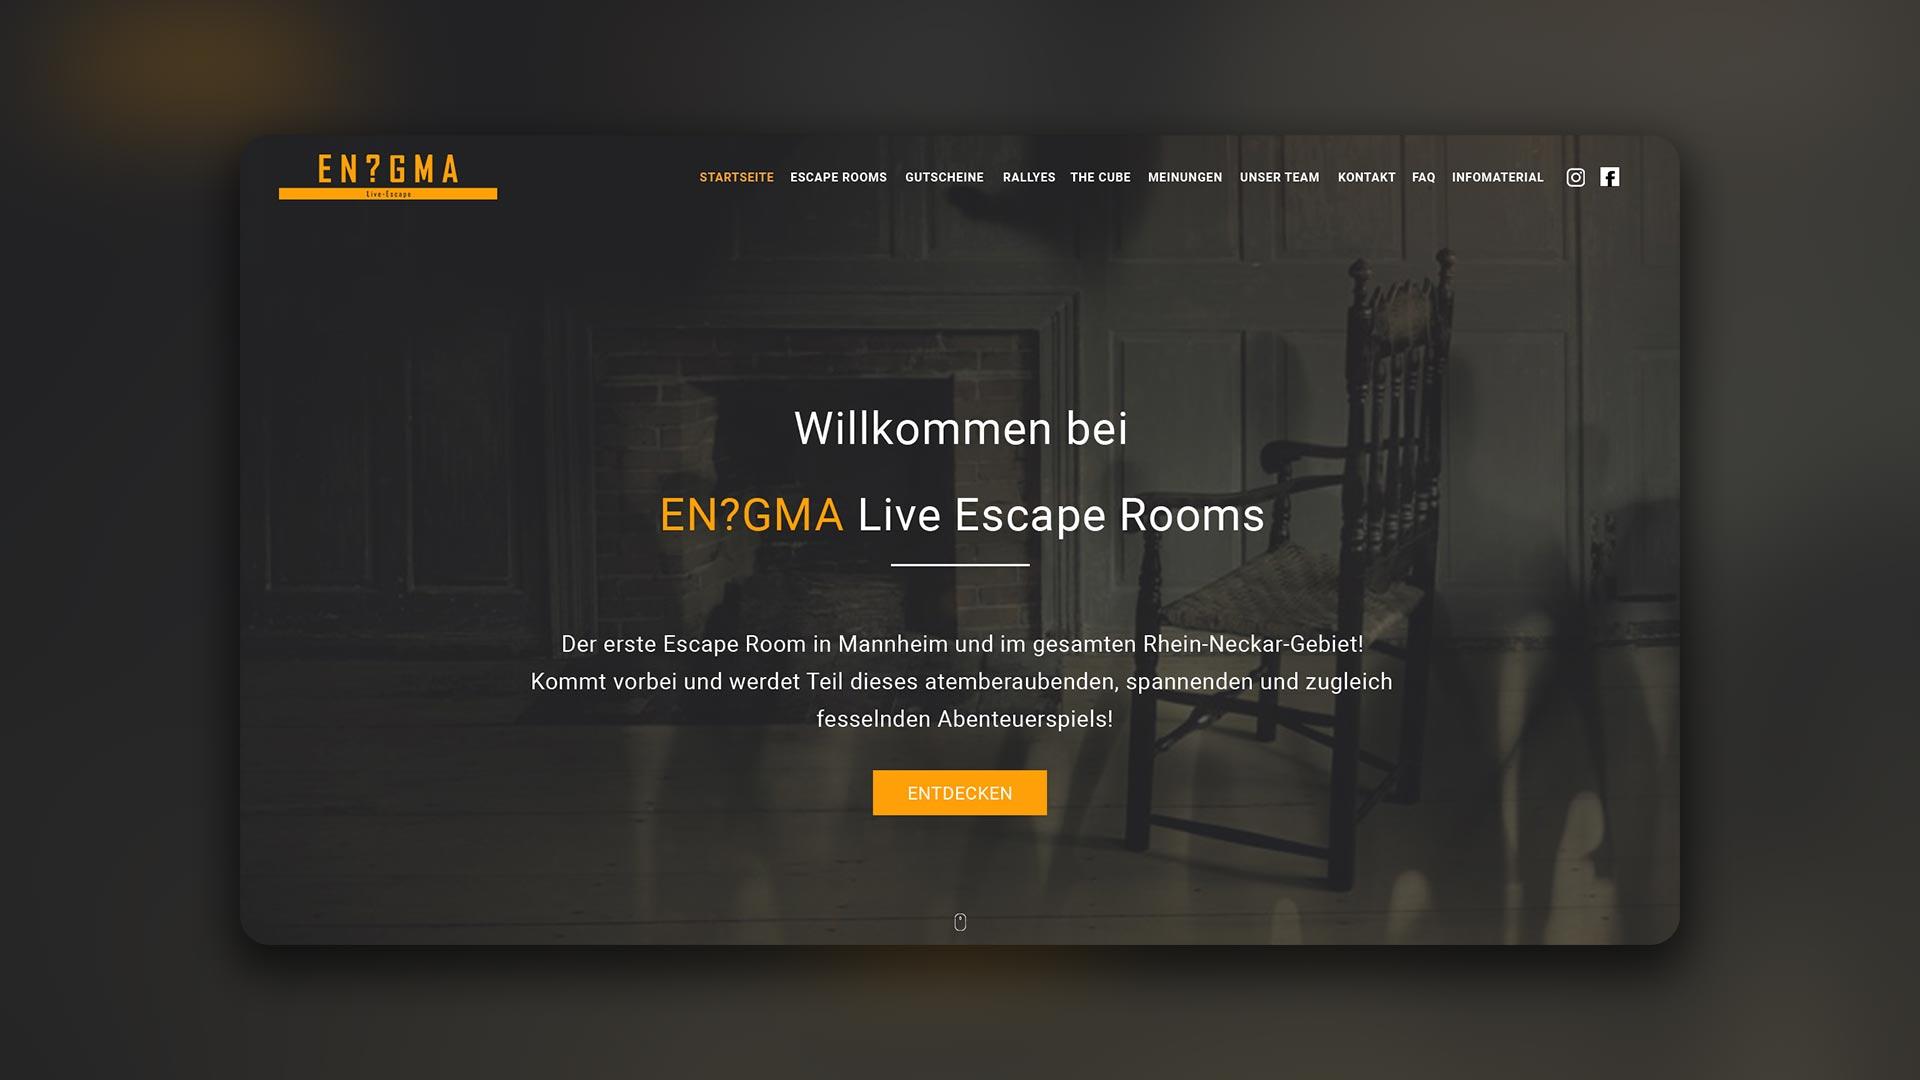 Mischler Webdesign Mannheim portfolio enigma webseite